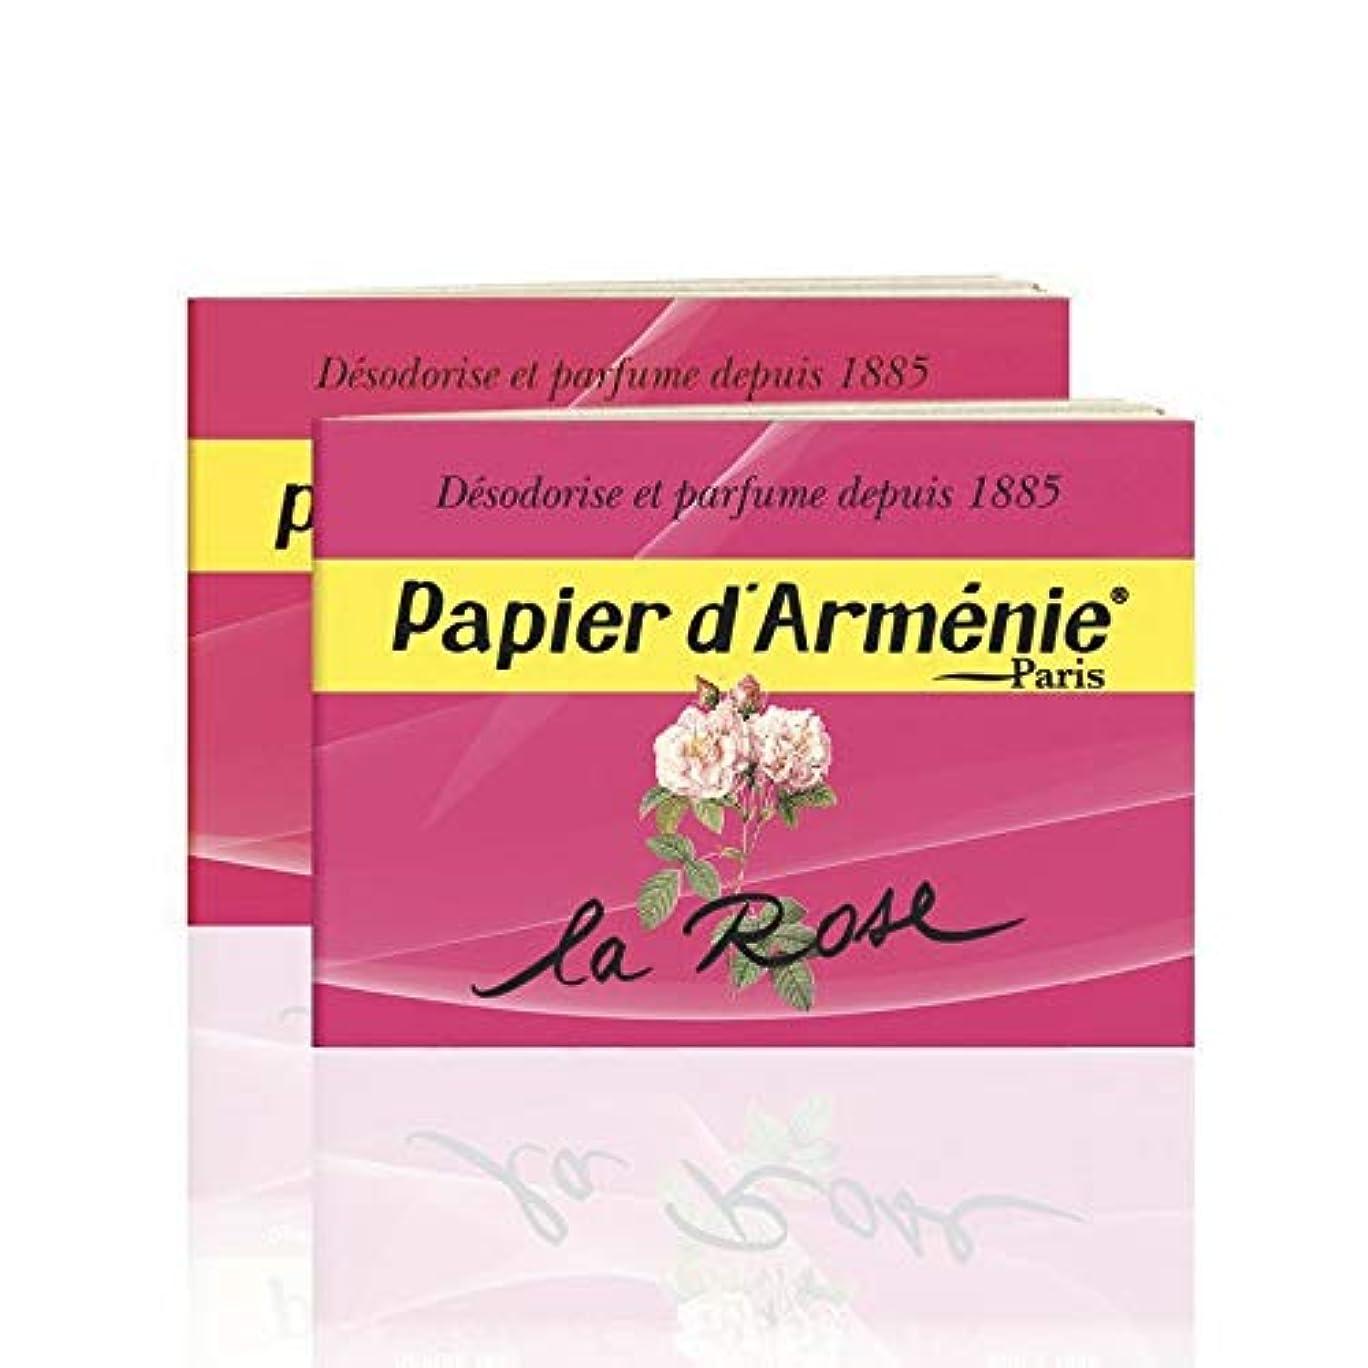 その結果望遠鏡びっくりしたPapier d'Arménie パピエダルメニイ ローズ 紙のお香 フランス直送 [並行輸入品] (2個)